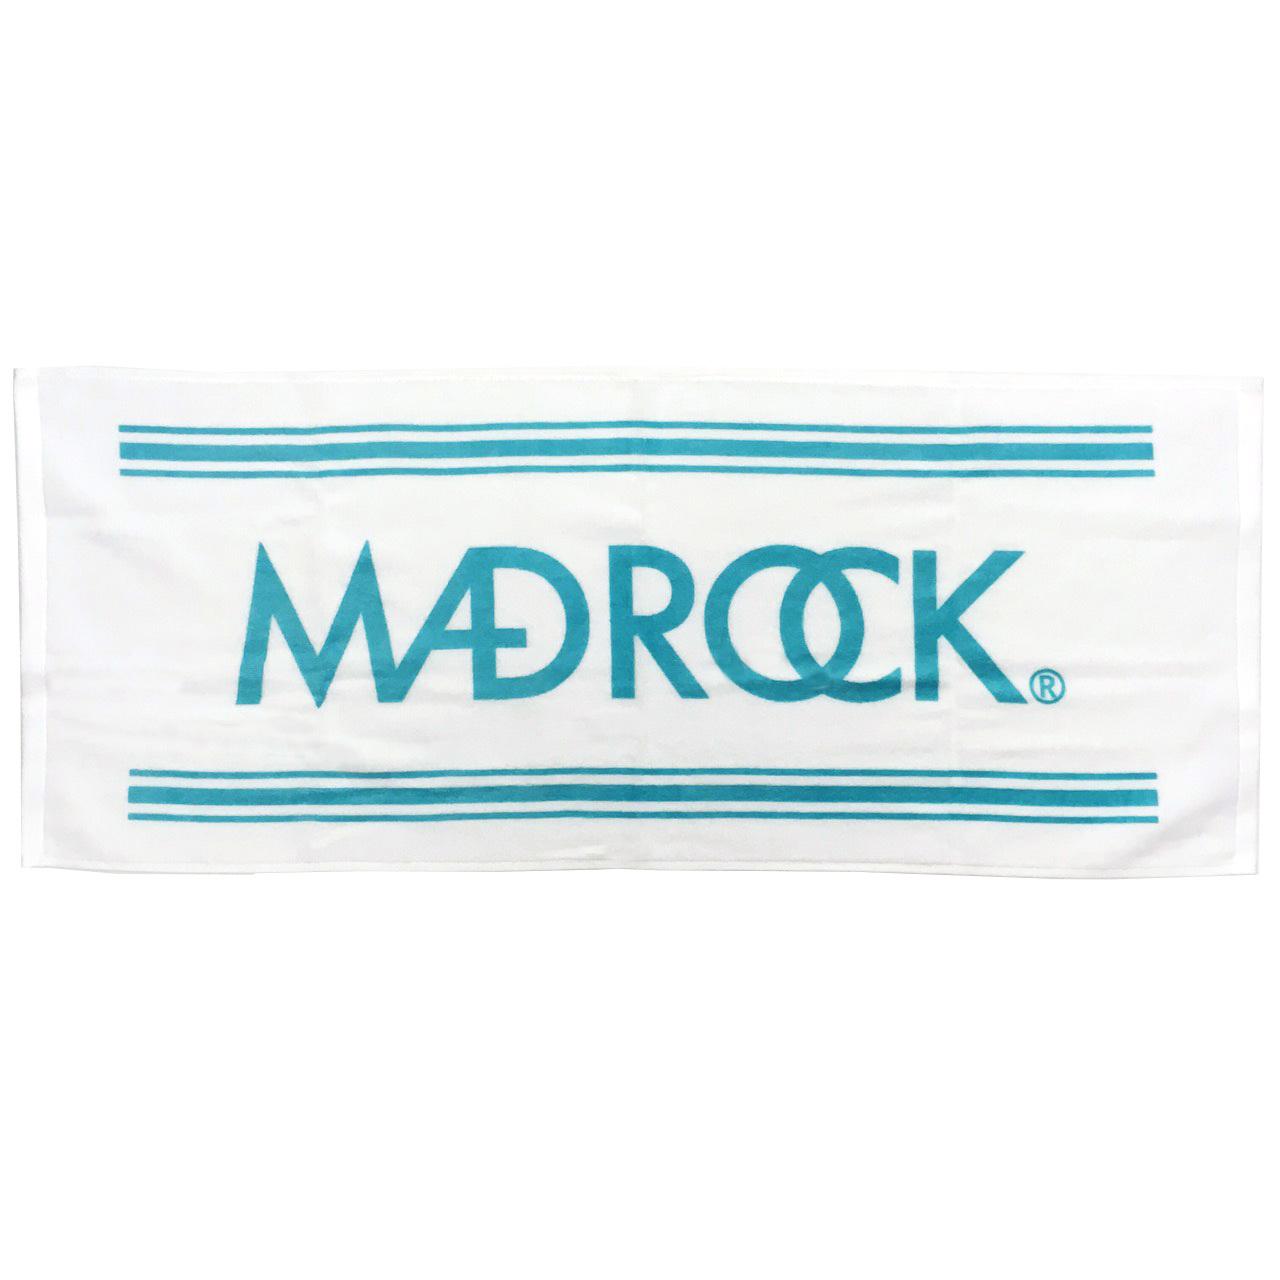 マッドロック ロゴ タオル ホワイト&ミント / MADROCK  LOGO Towel / White&Mint